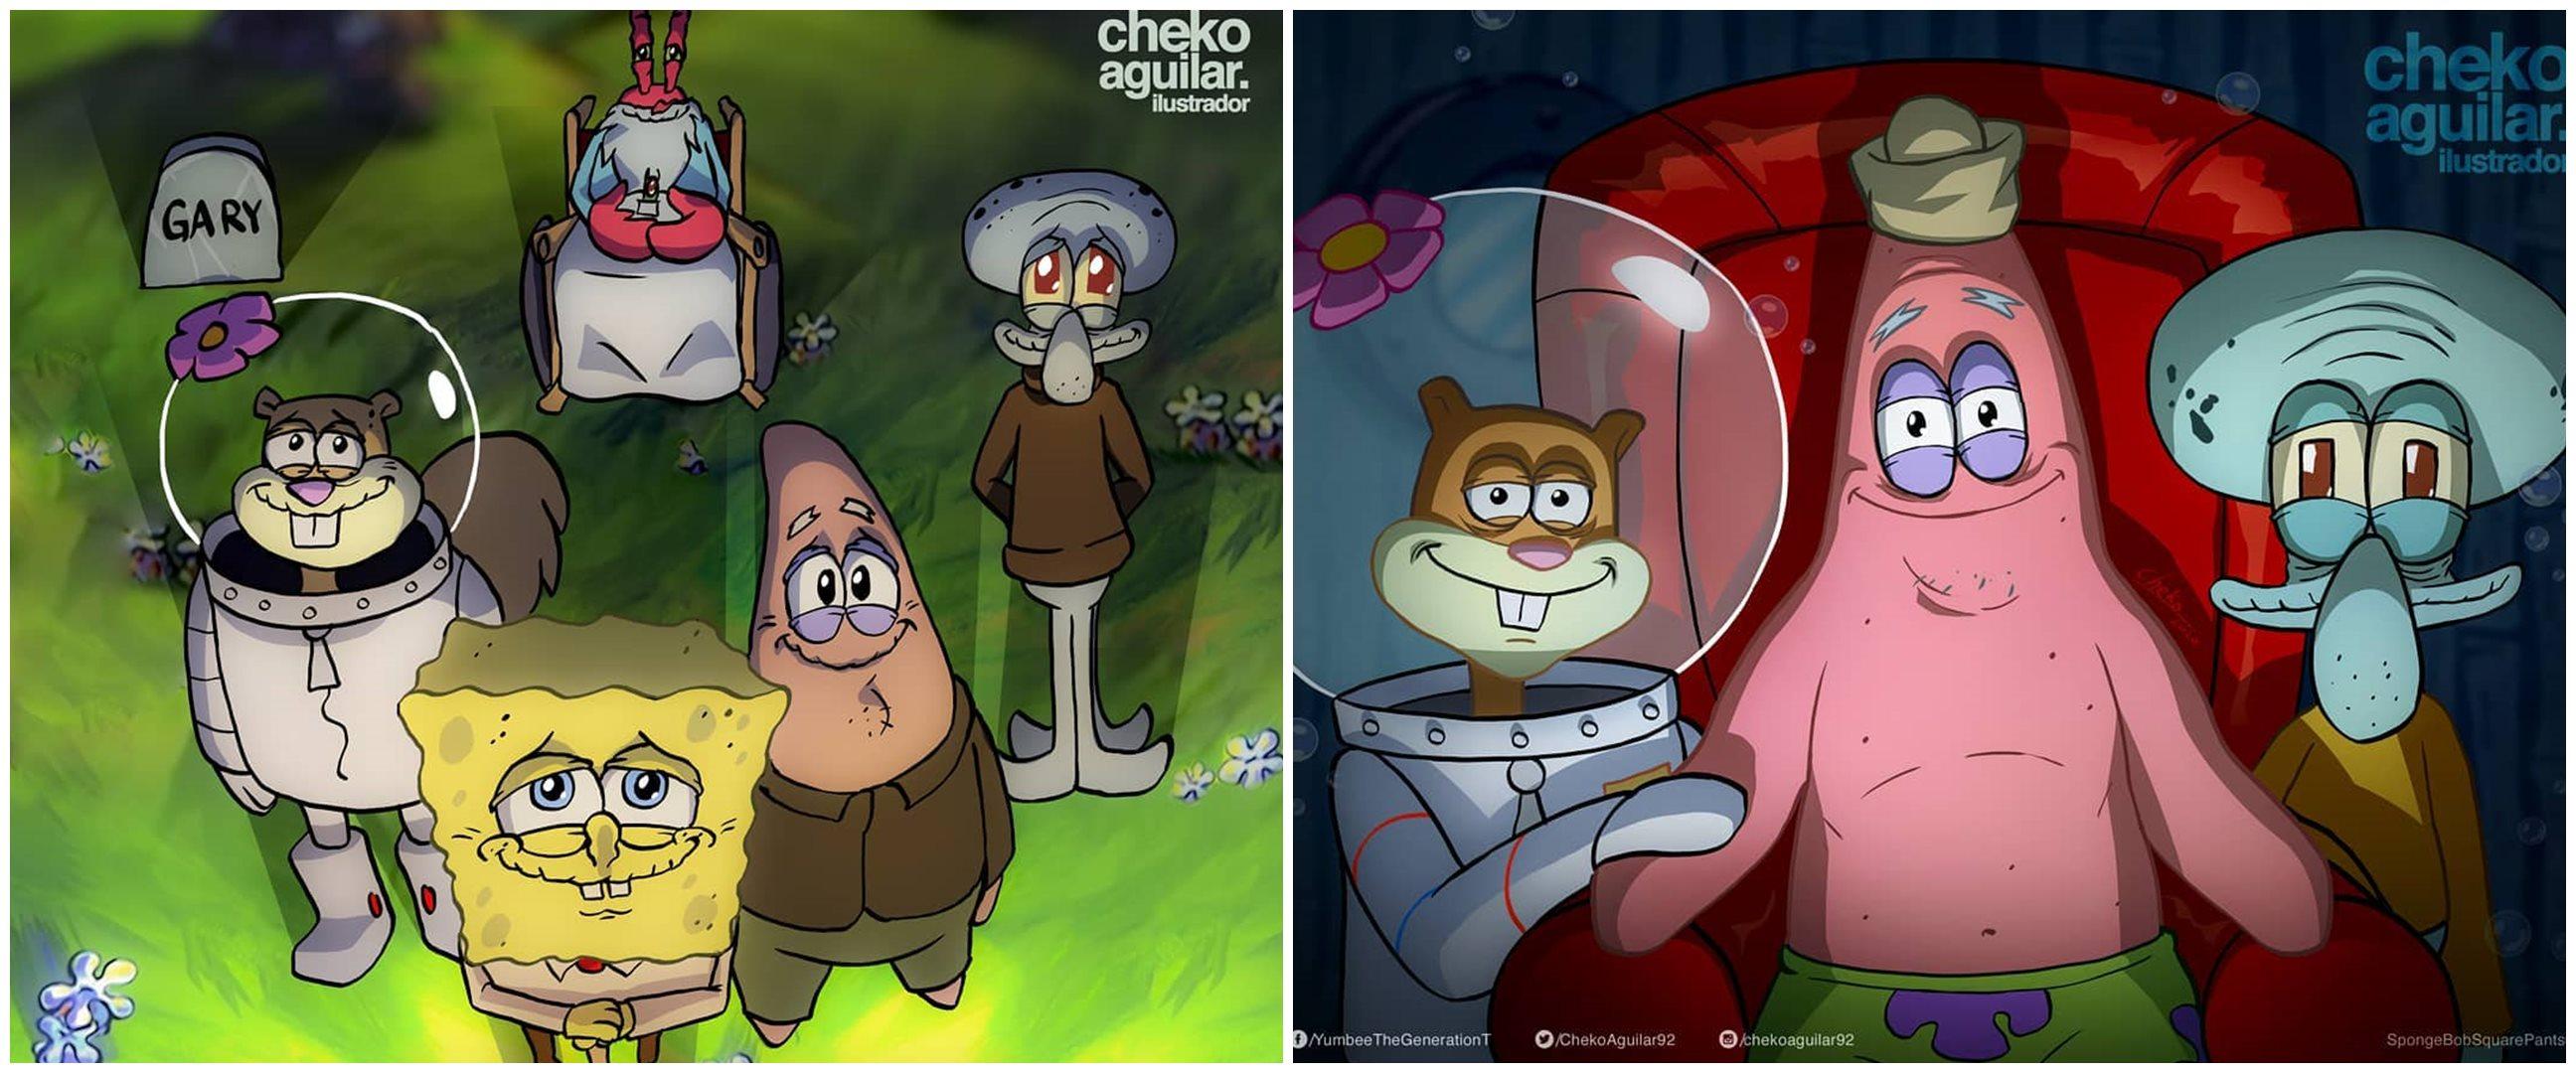 Curhatan imajiner Squidward atas kepergian Spongebob & Patrick, haru